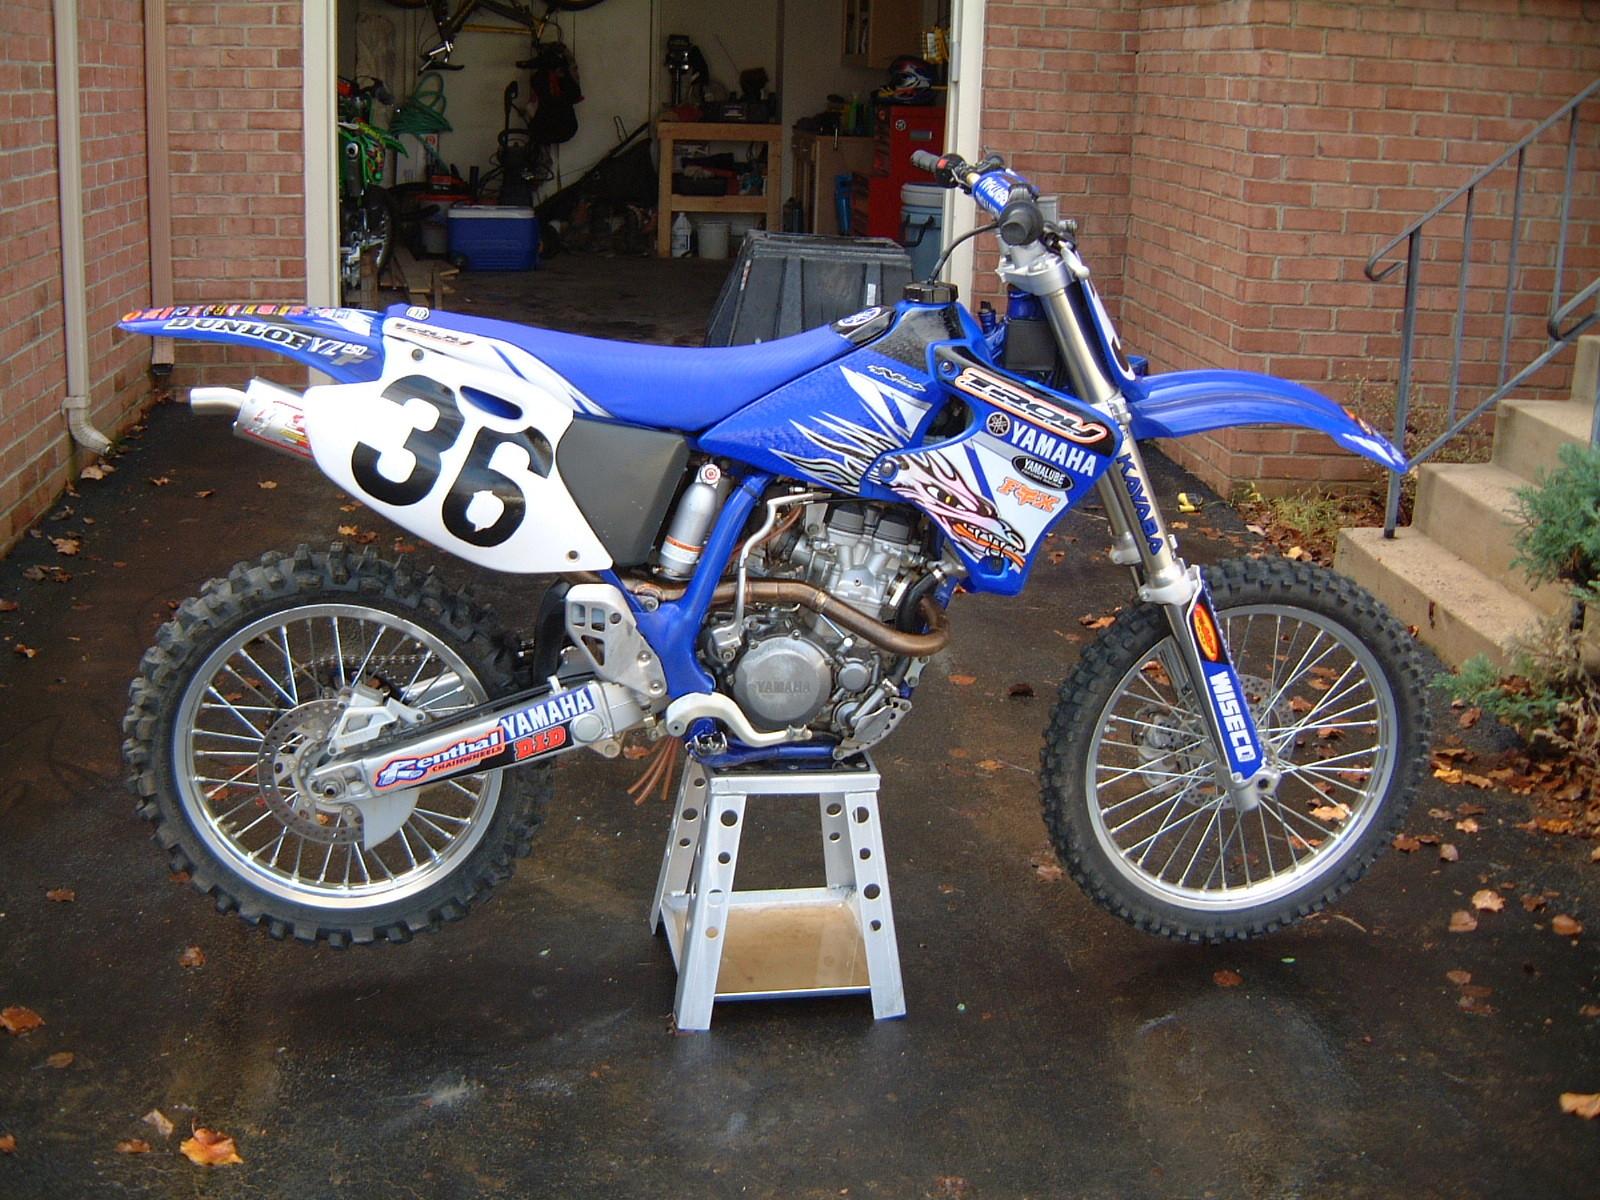 Tony blazier 39 s 2001 yamaha yz250f tblazier 39 s bike check for Yamaha yzf 250f